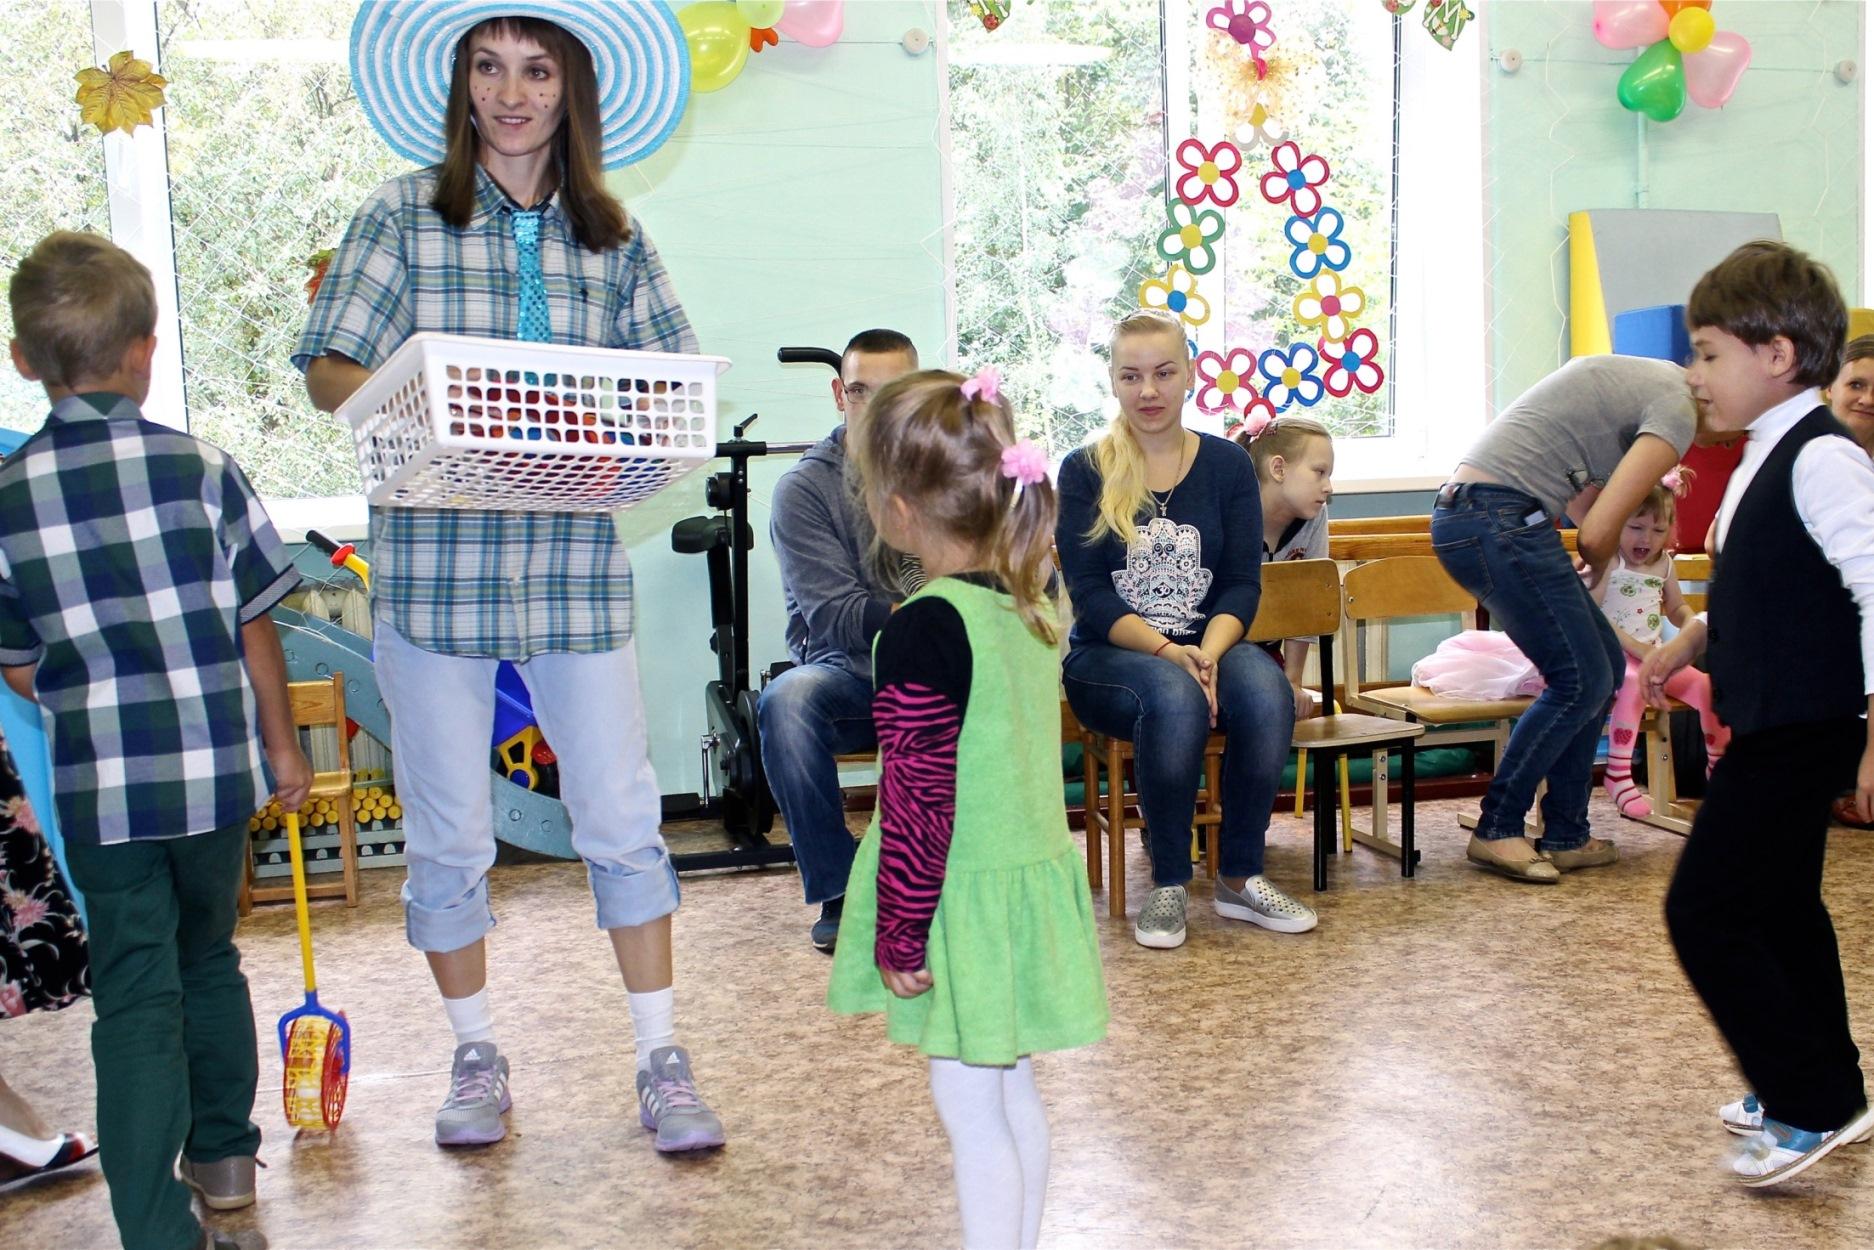 01.09.2016, Заводская, 19